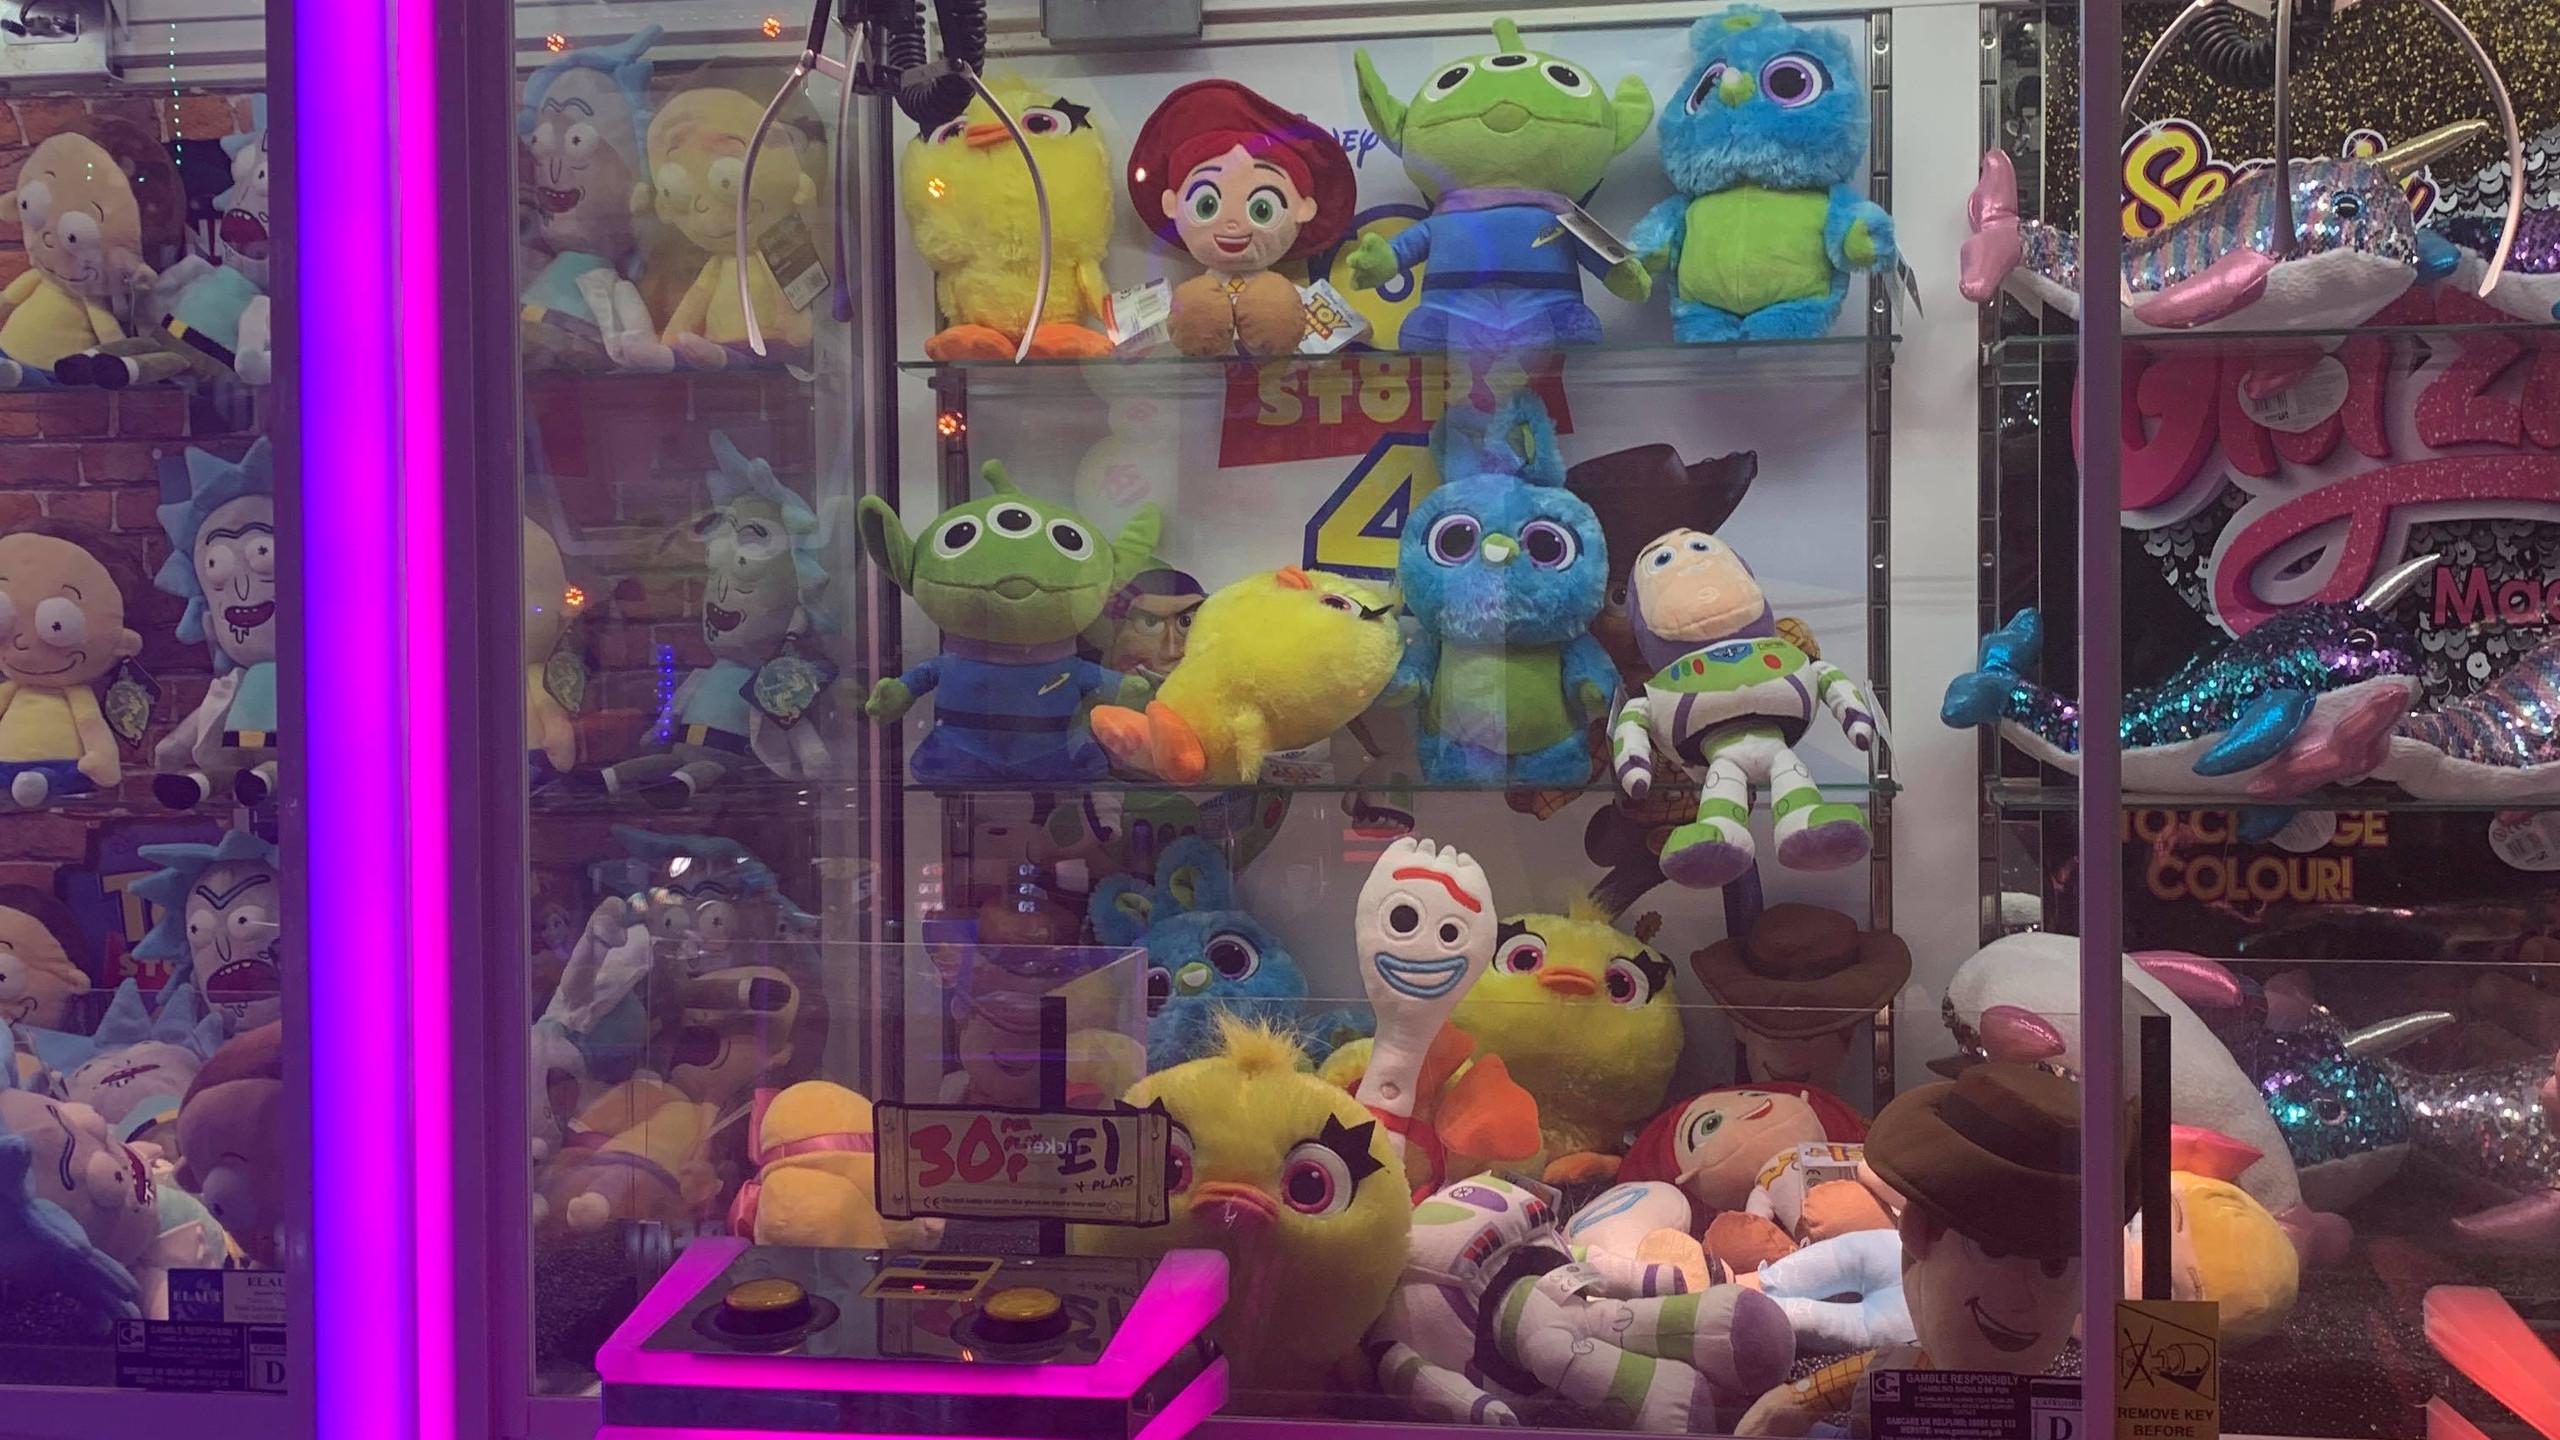 Toy Story claw machine